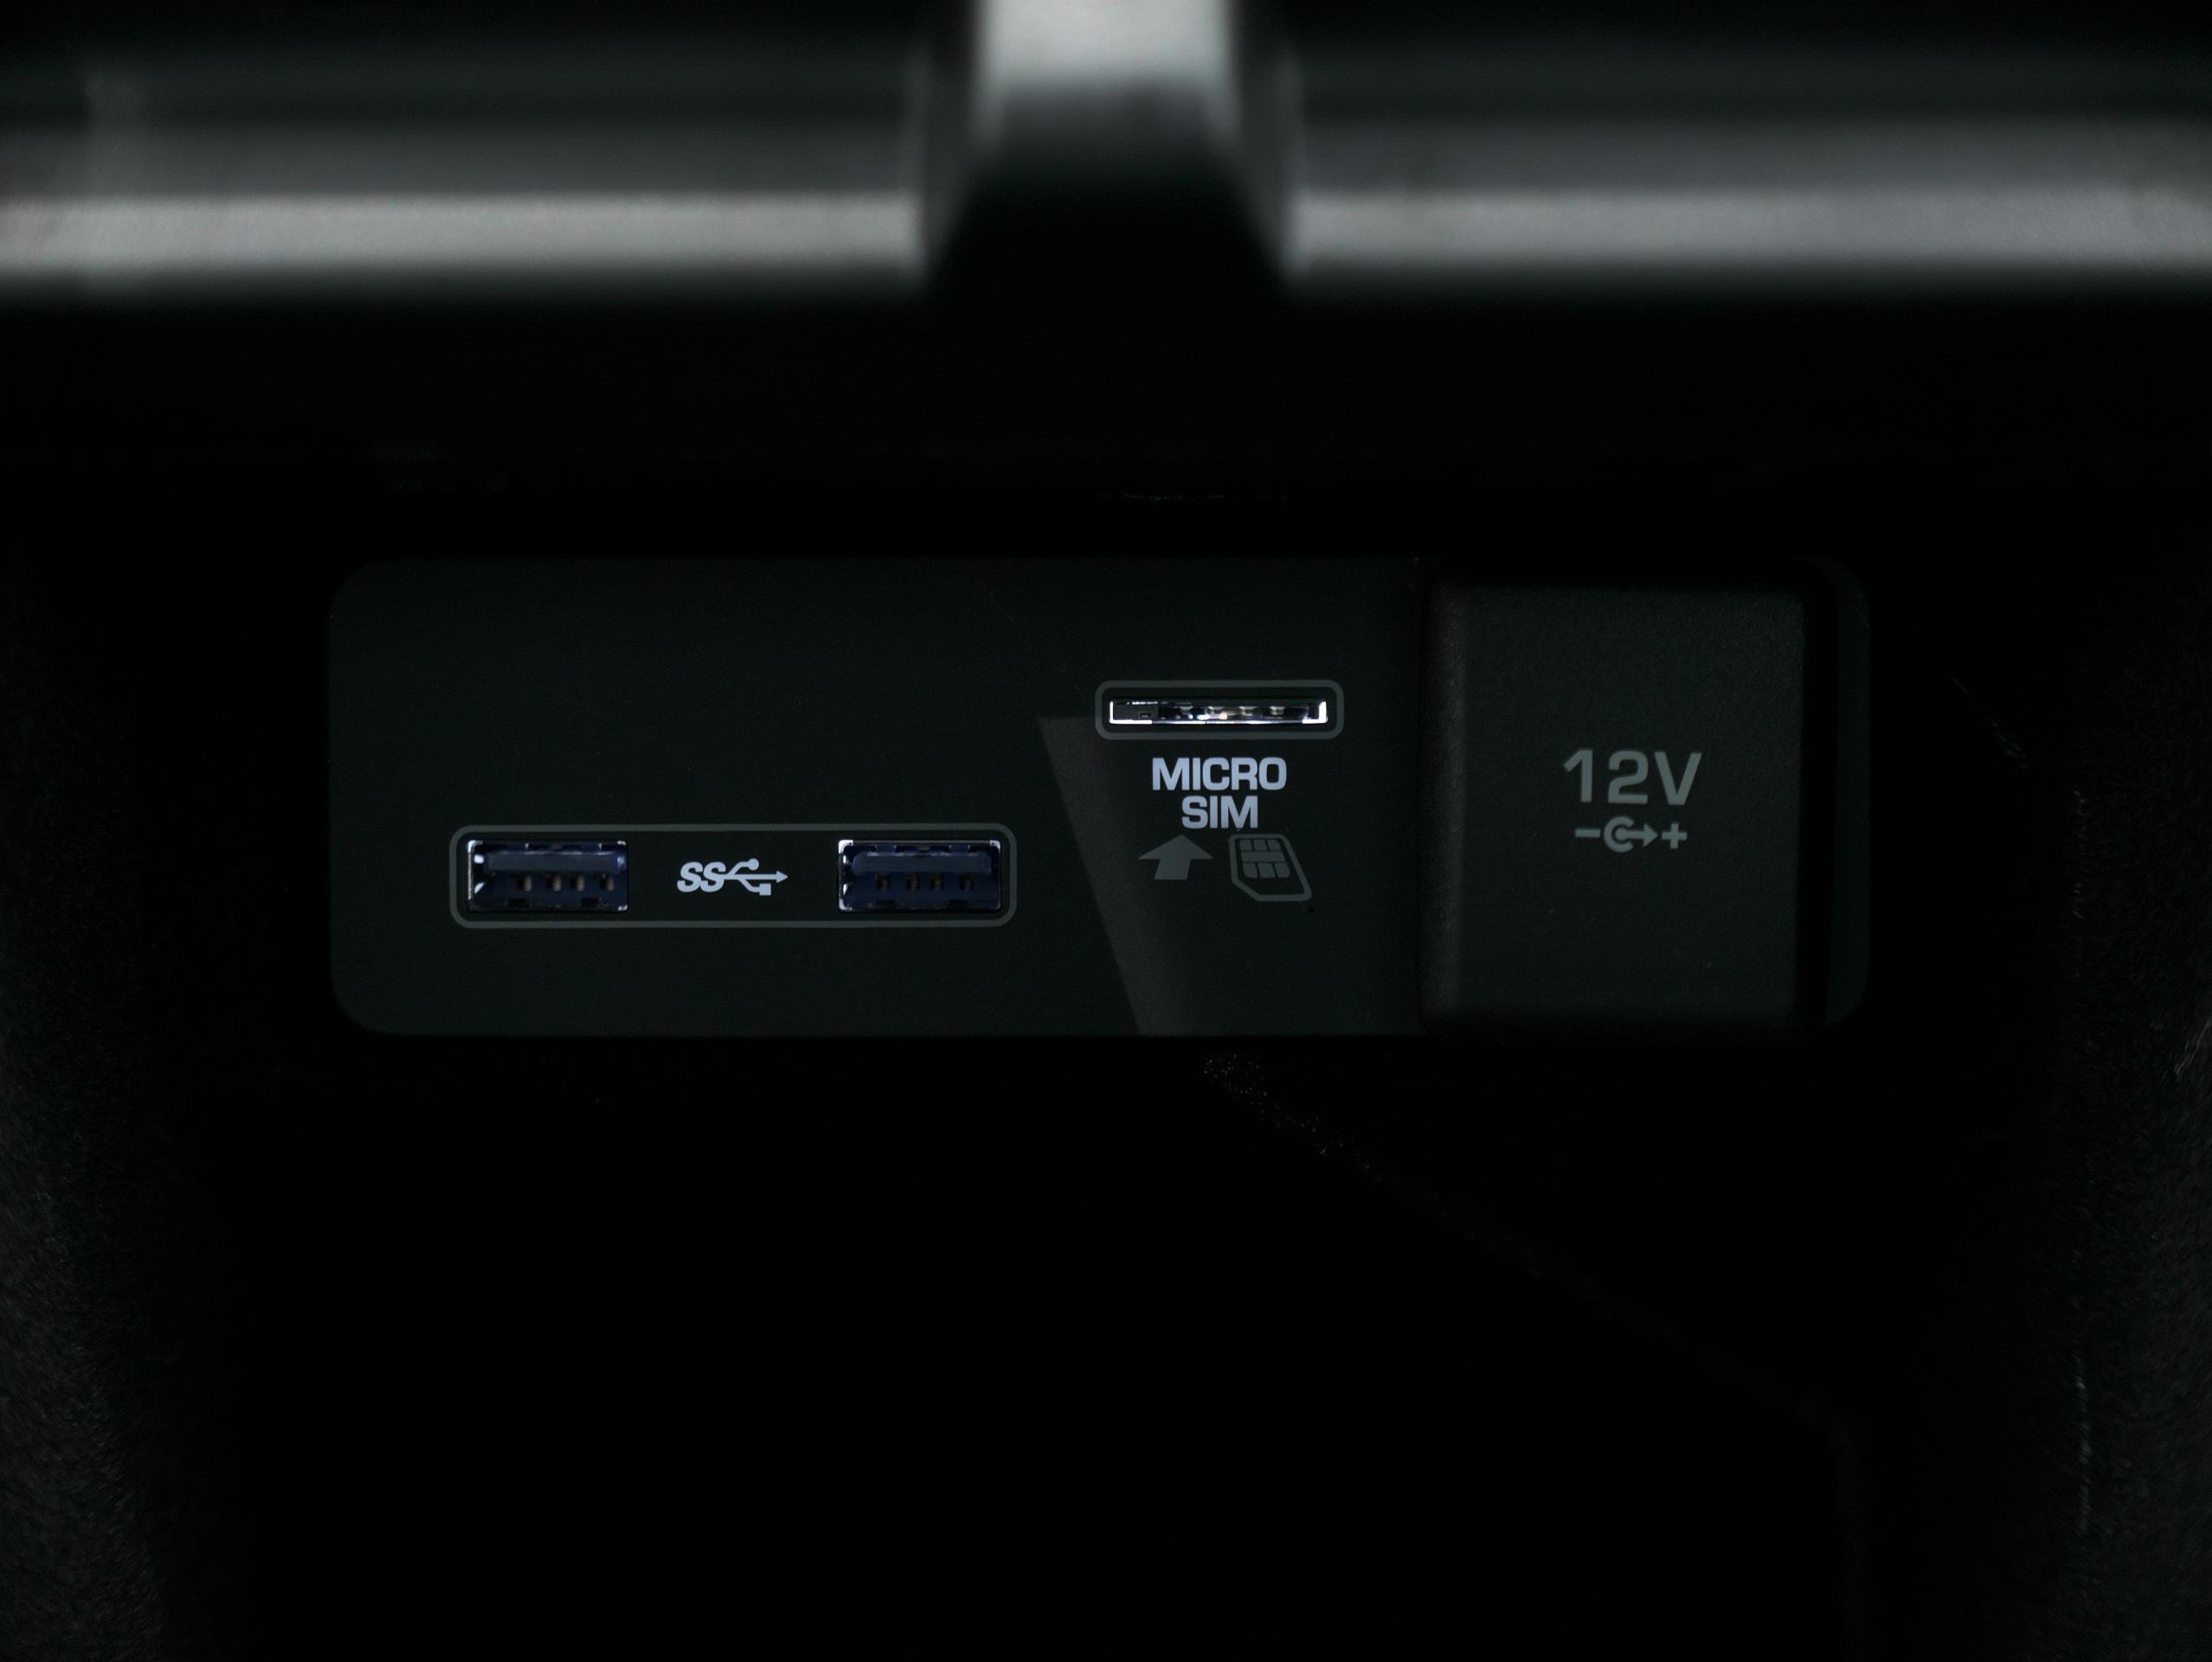 レンジローバーイヴォーク Rダイナミック HSE フジホワイト センターコンソール内USBソケット